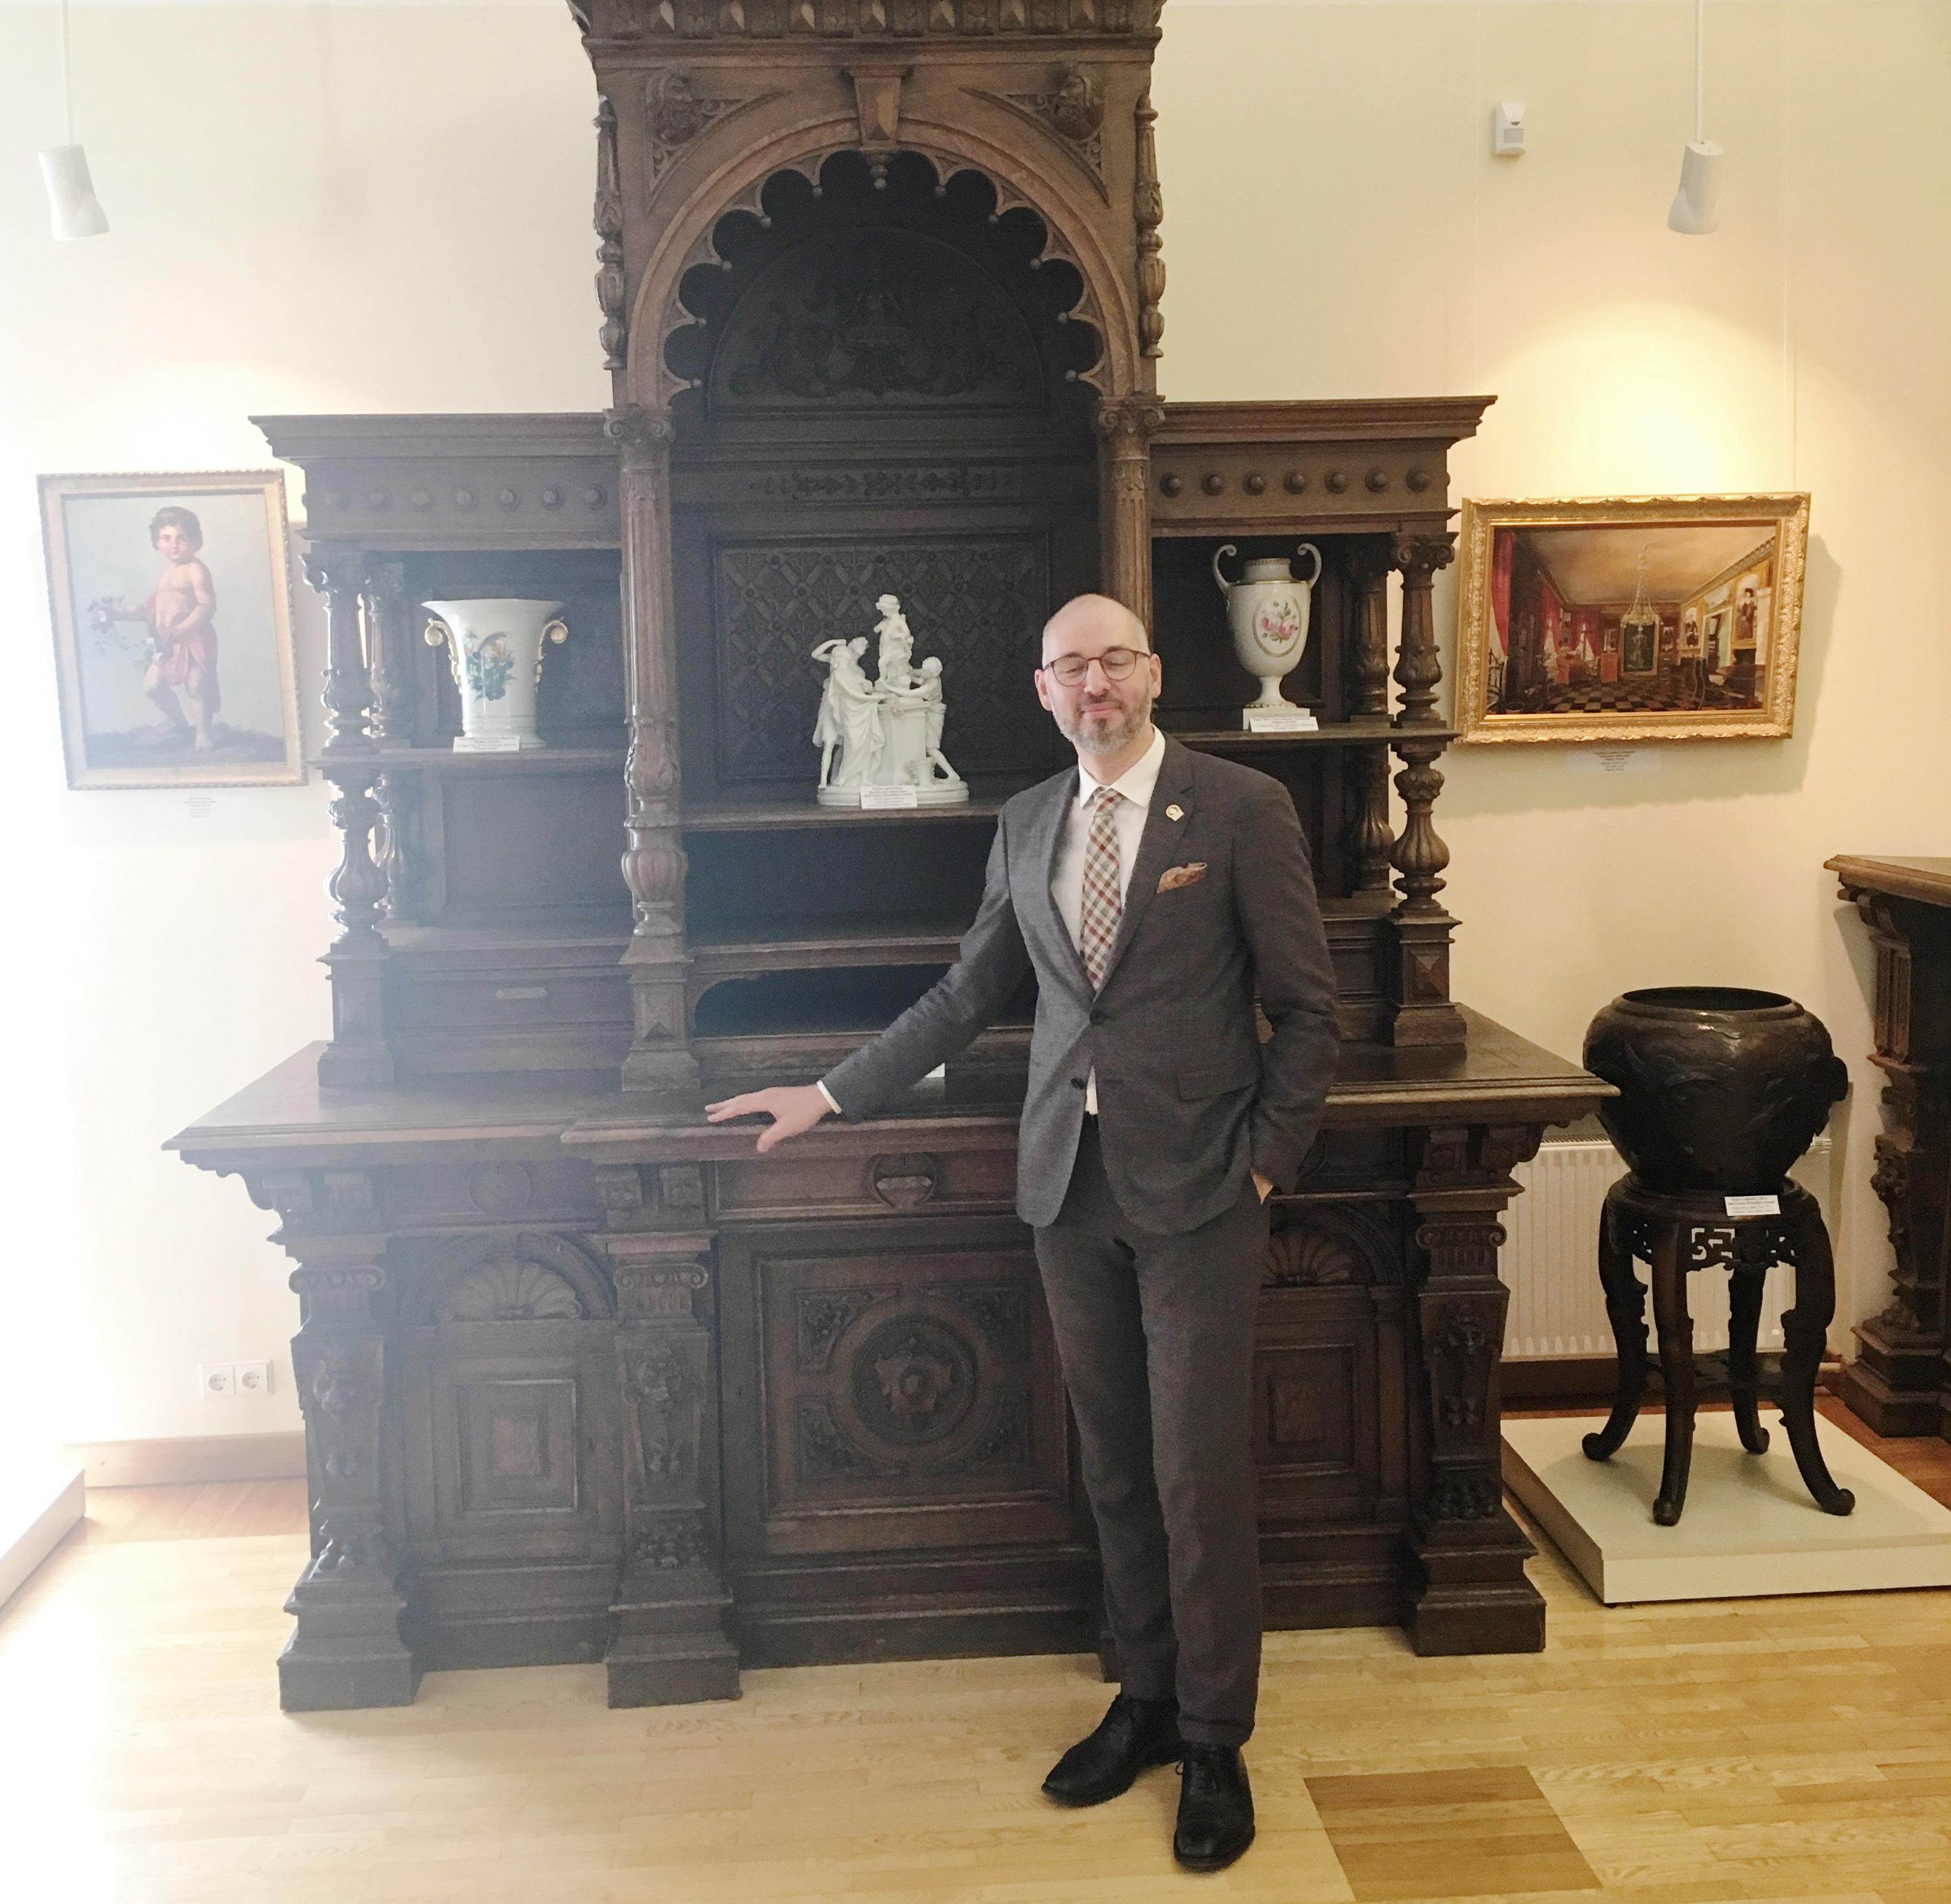 Marius Daraškevičius Žemaišių Alkos muziejuje prie Plinkšių dvaro kredenso